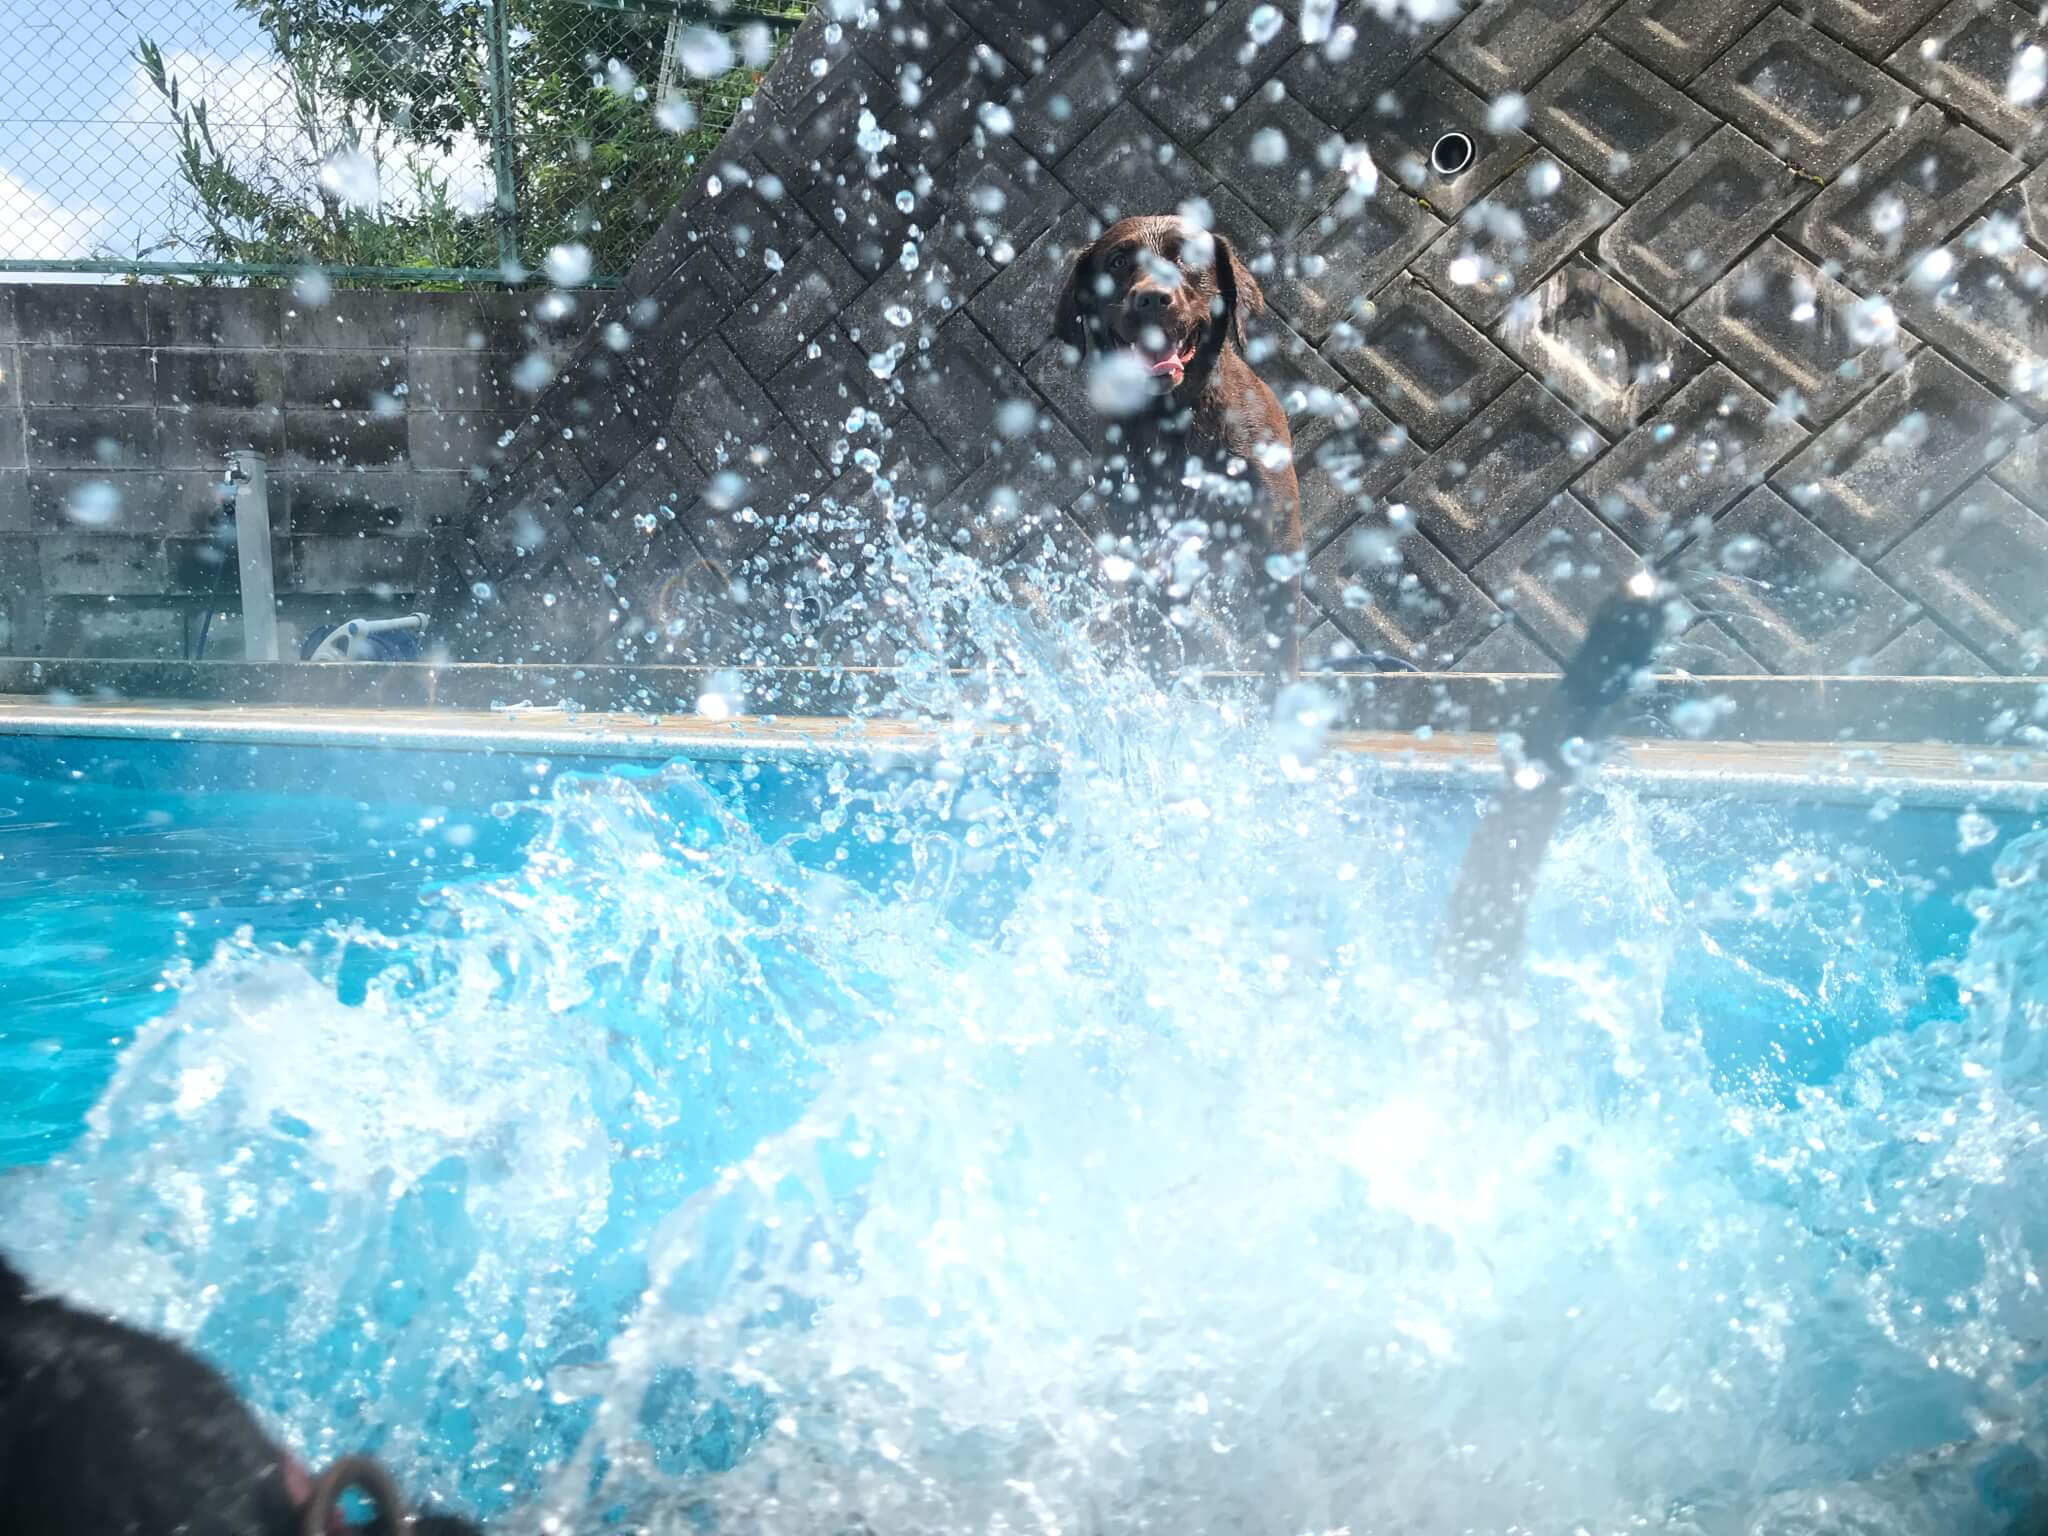 プールに飛び込むラブラドールレトリバー